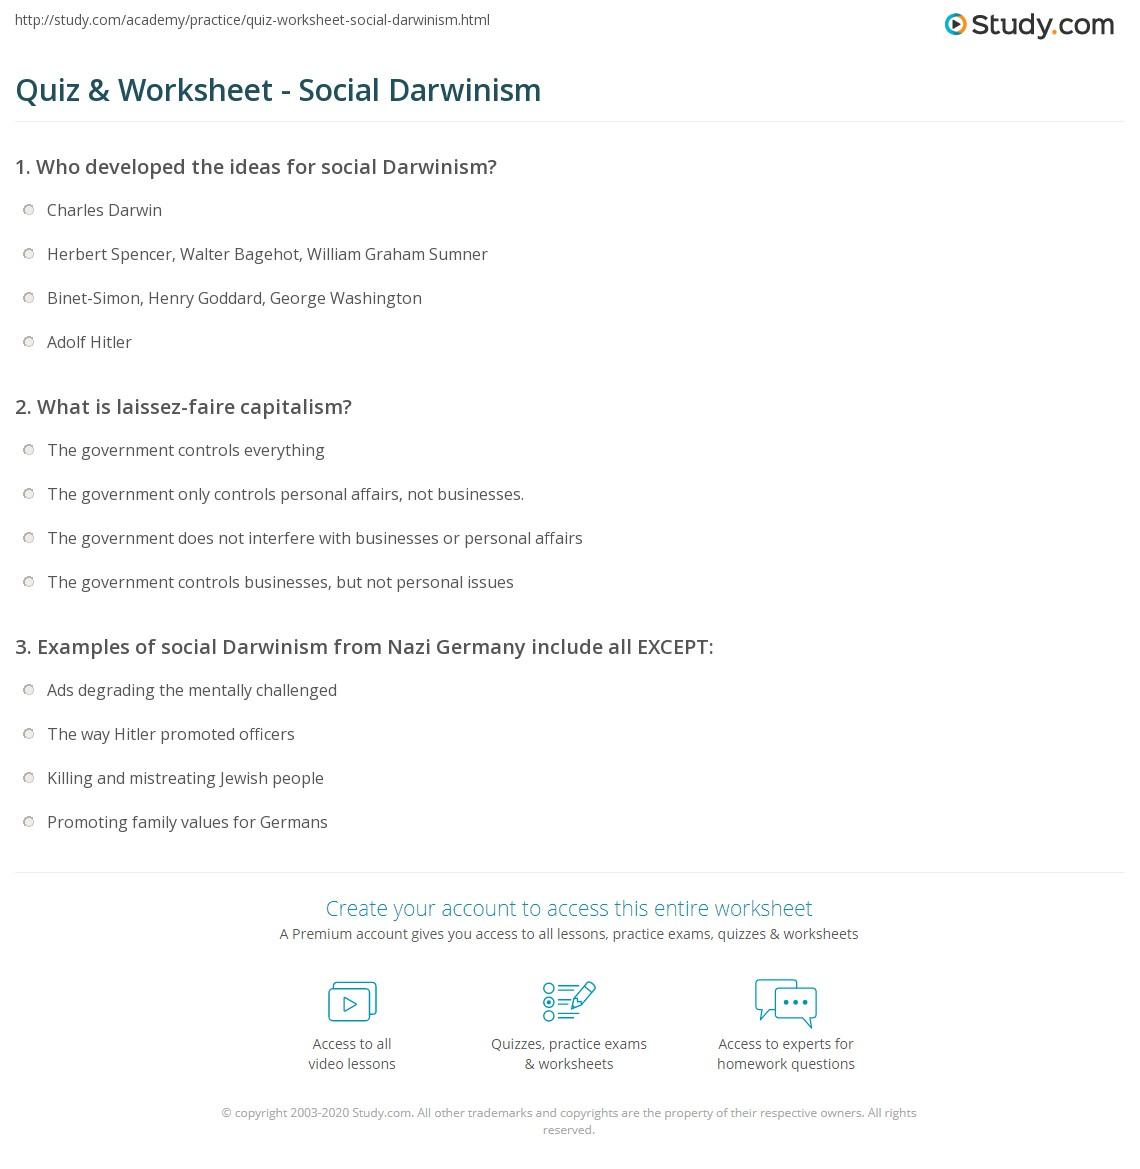 quiz worksheet social darwinism. Black Bedroom Furniture Sets. Home Design Ideas